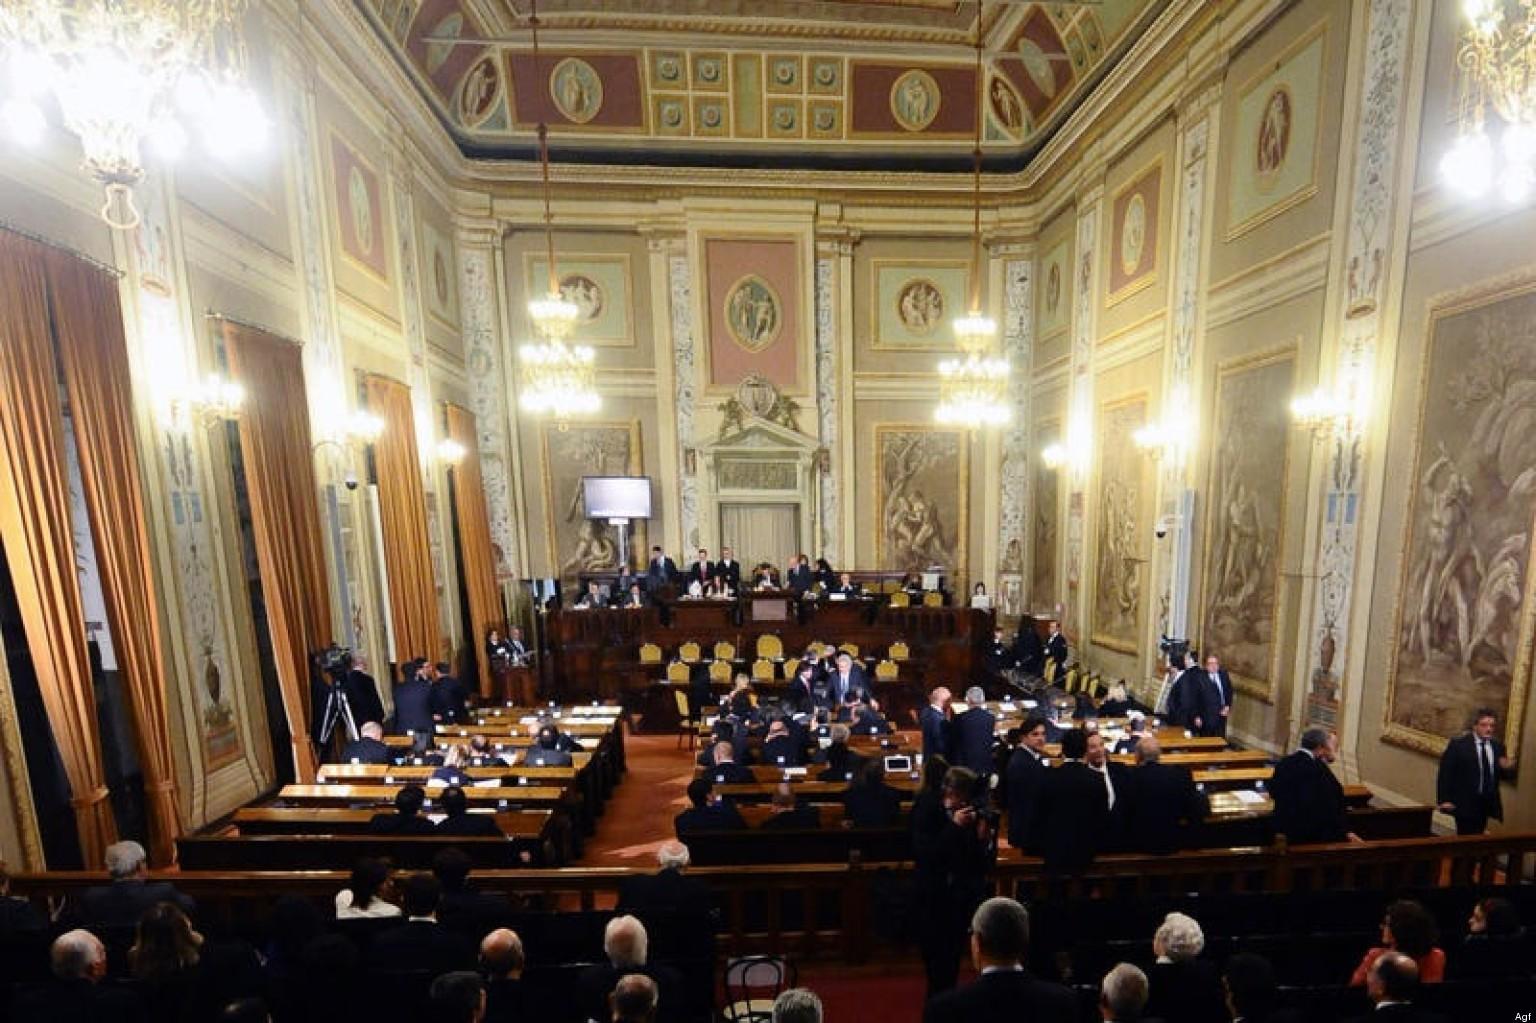 Ars approva l'adeguamento alla legge Delrio sui sindaci metropolitani$